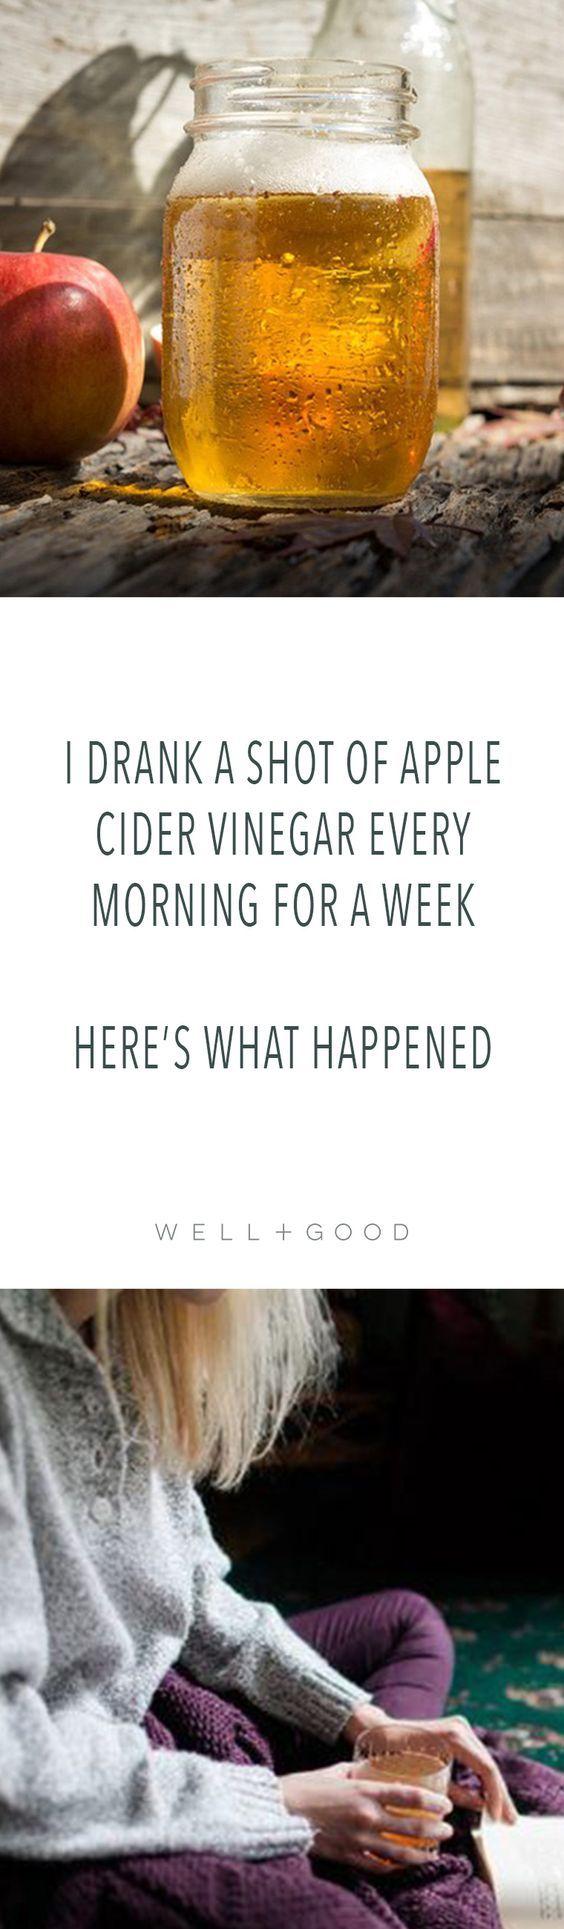 The benefits of drinking apple cider vinegar #applecidervinegarbenefits